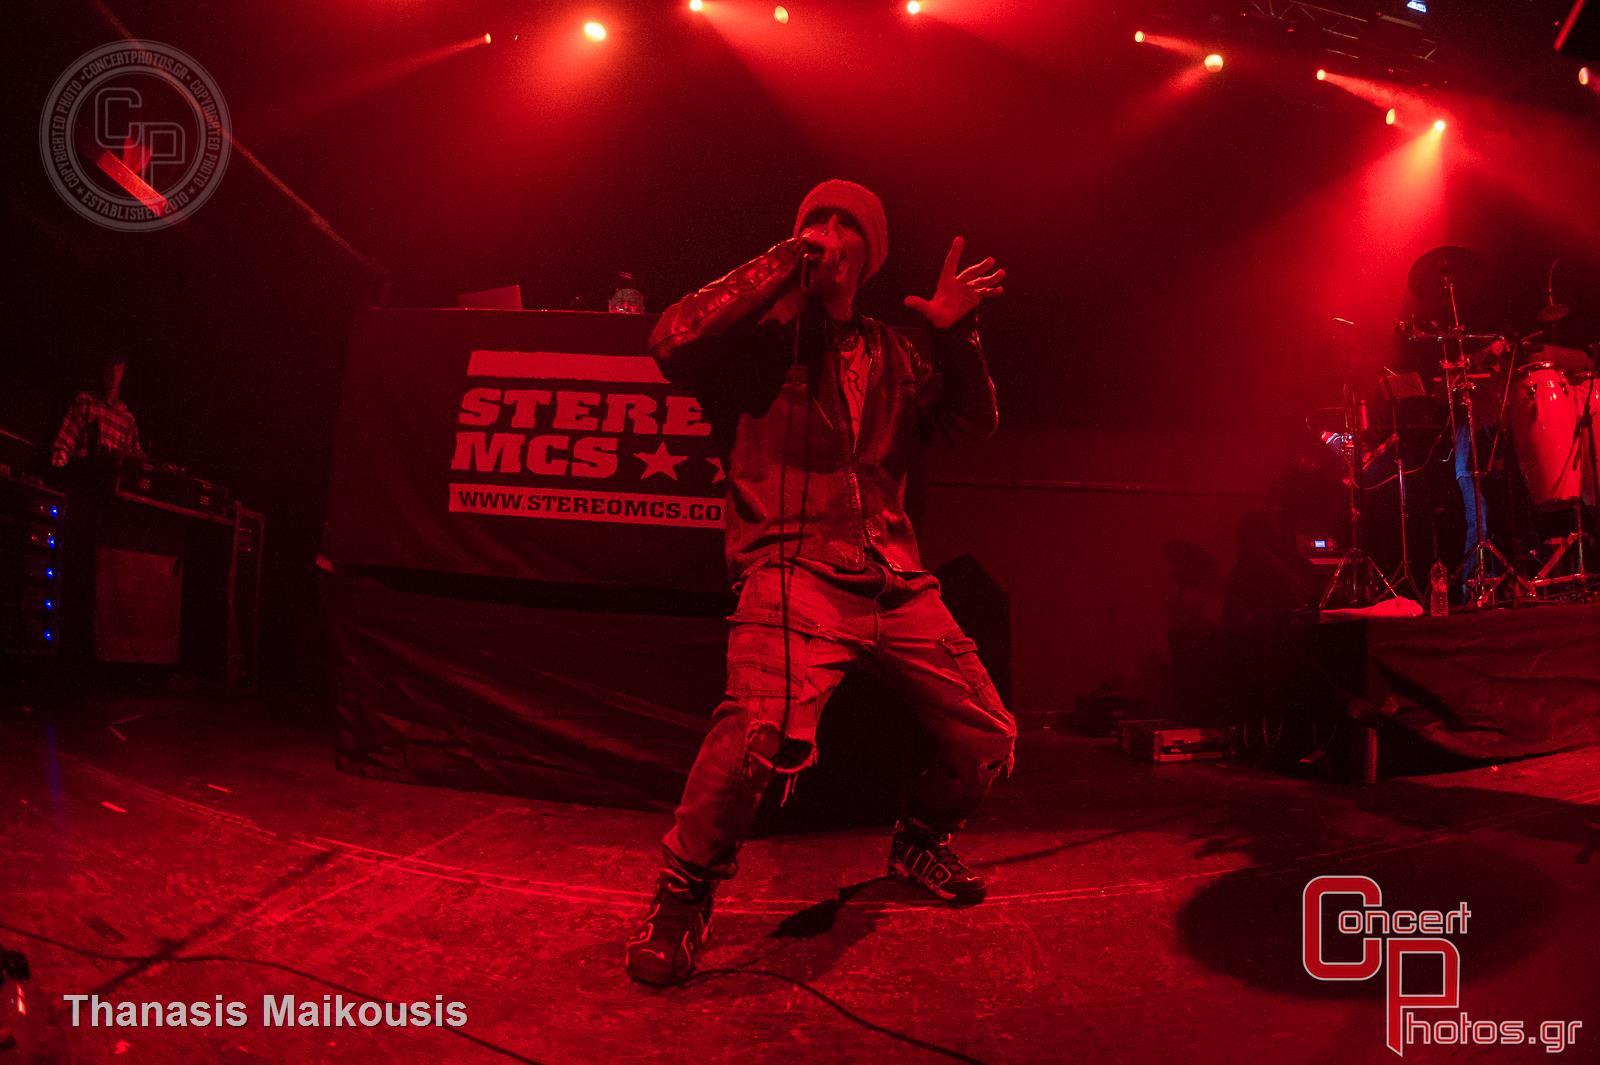 Stereo Mc's-Stereo Mcs photographer: Thanasis Maikousis - ConcertPhotos - 20141129_2302_40